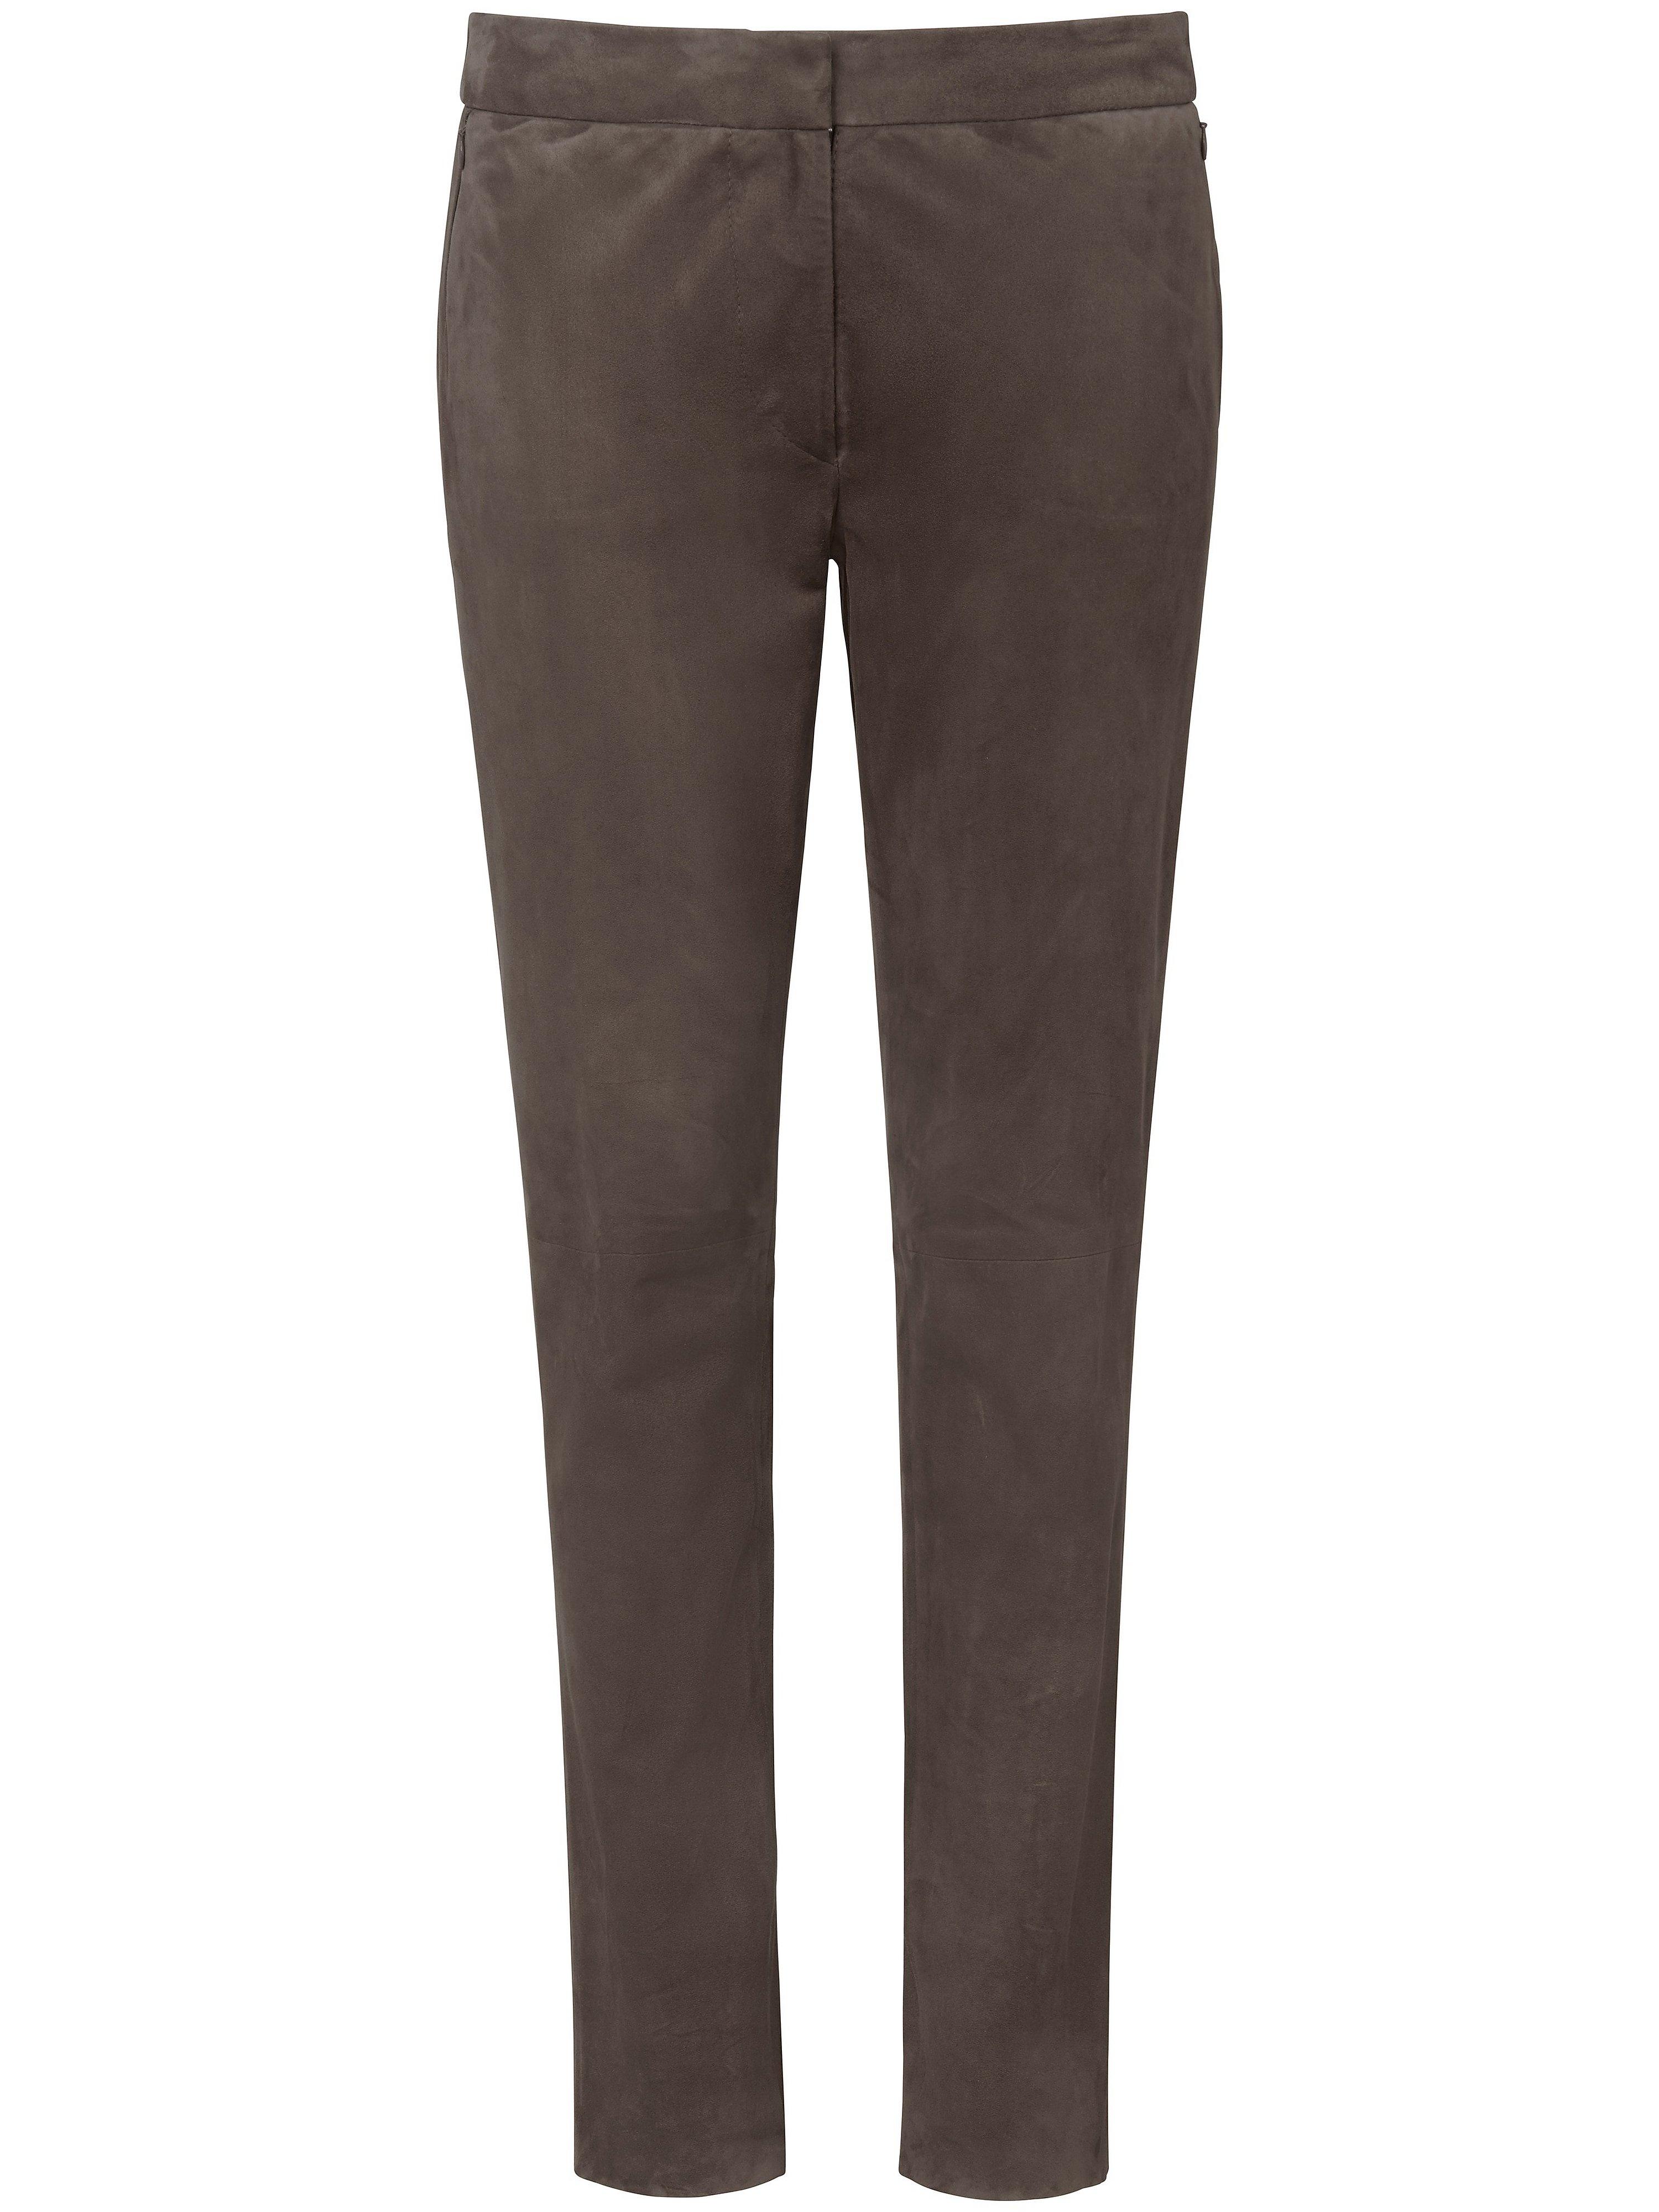 Leren broek in smal model geitensuedeleer Van Fadenmeister Berlin bruin